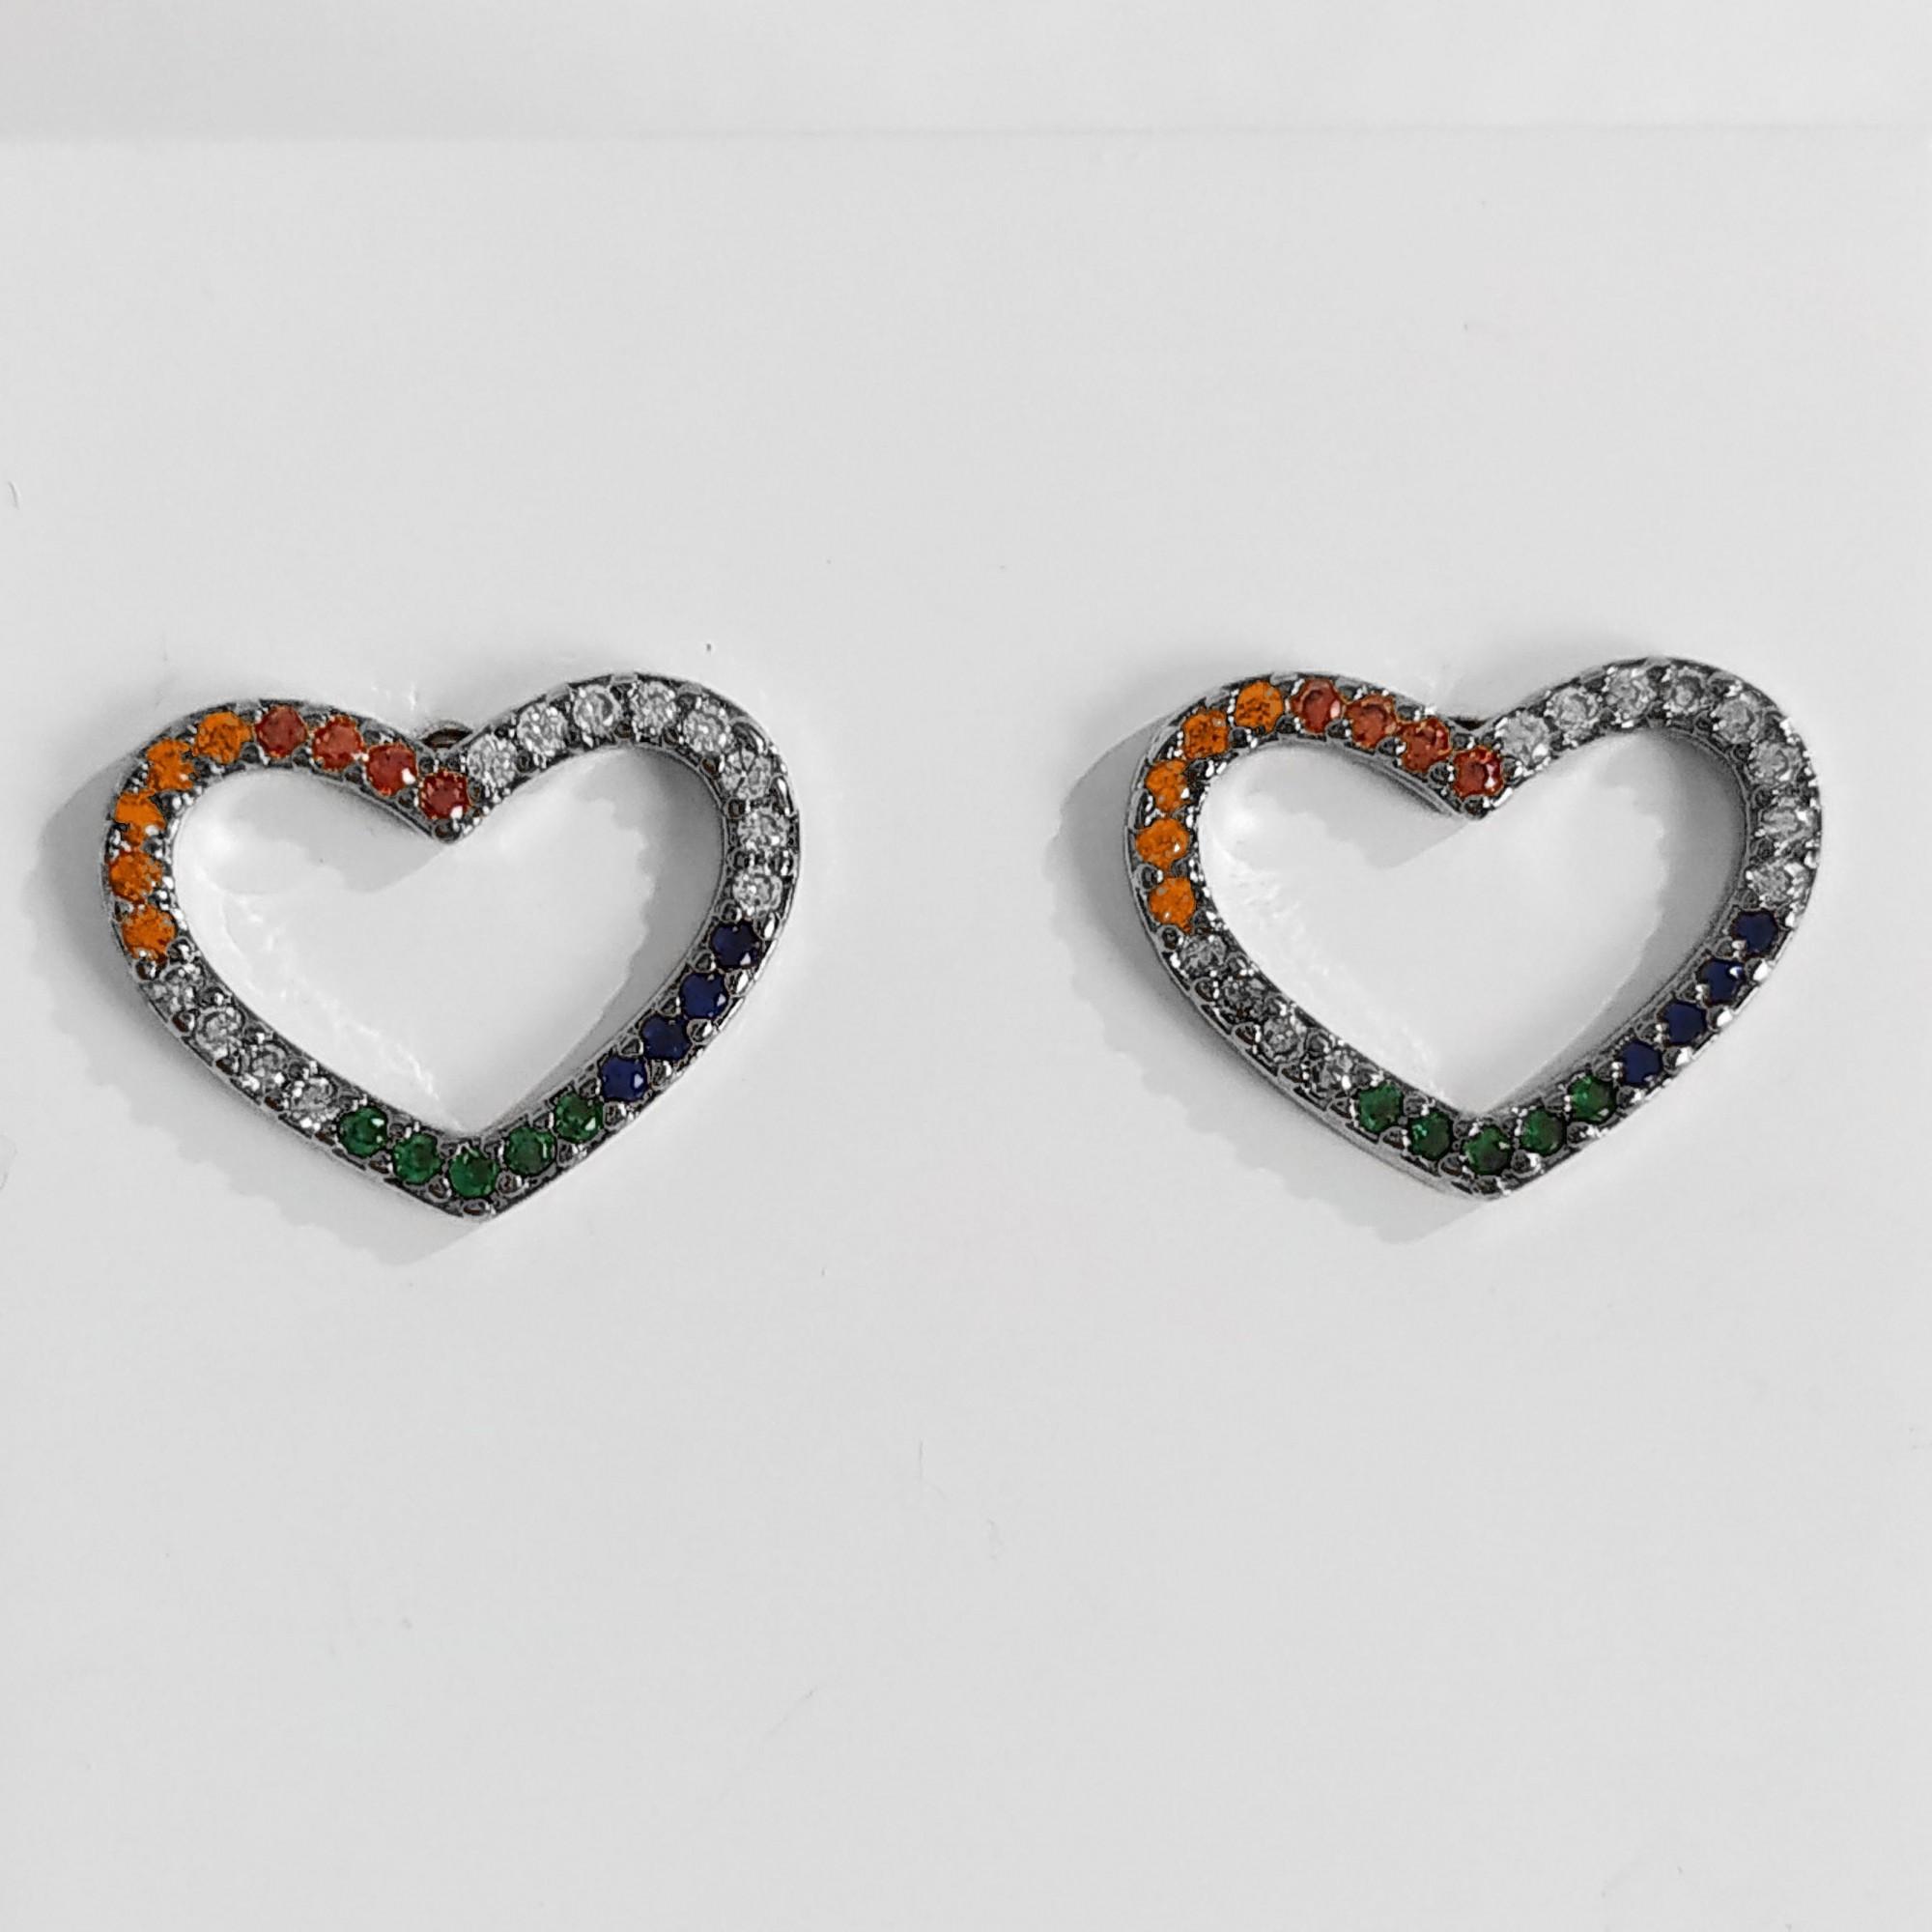 Brinco de Coração Zircônia Colorida Banho Ródio Negro  - Lunozê Joias